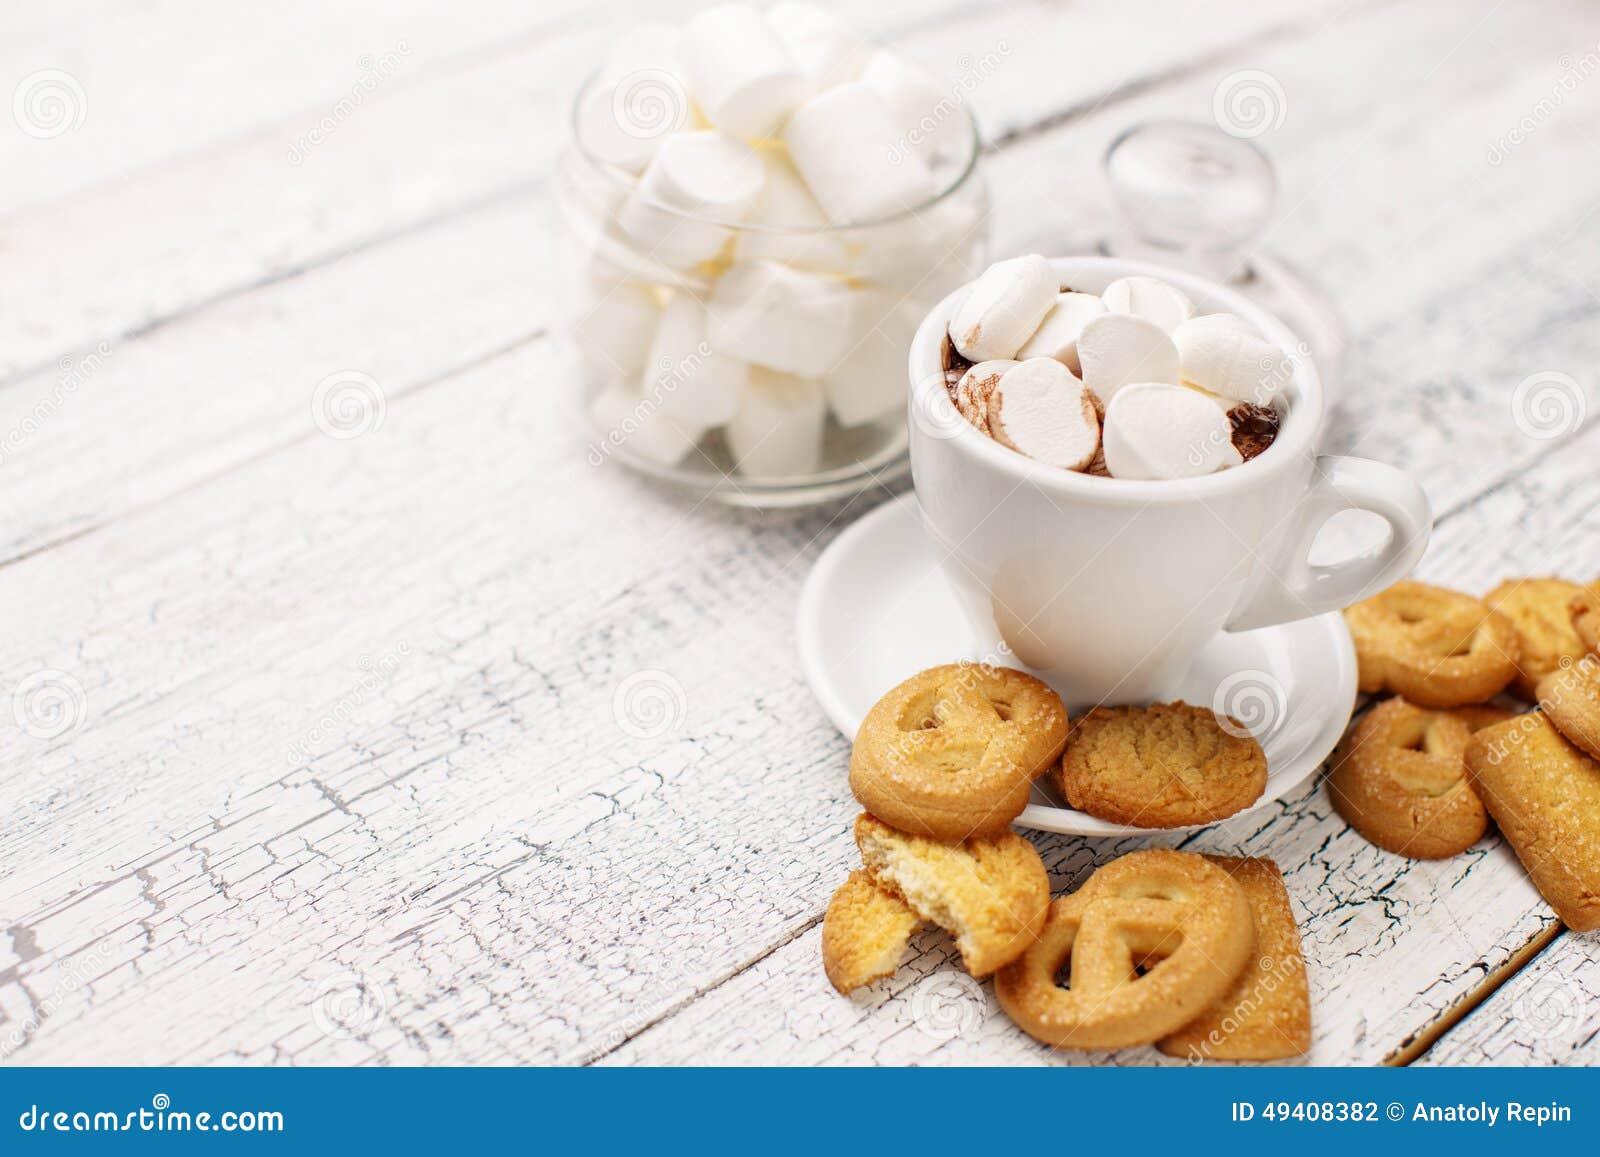 Download Bisquits Auf Hölzernem Hintergrund Stockfoto - Bild von kakao, niemand: 49408382